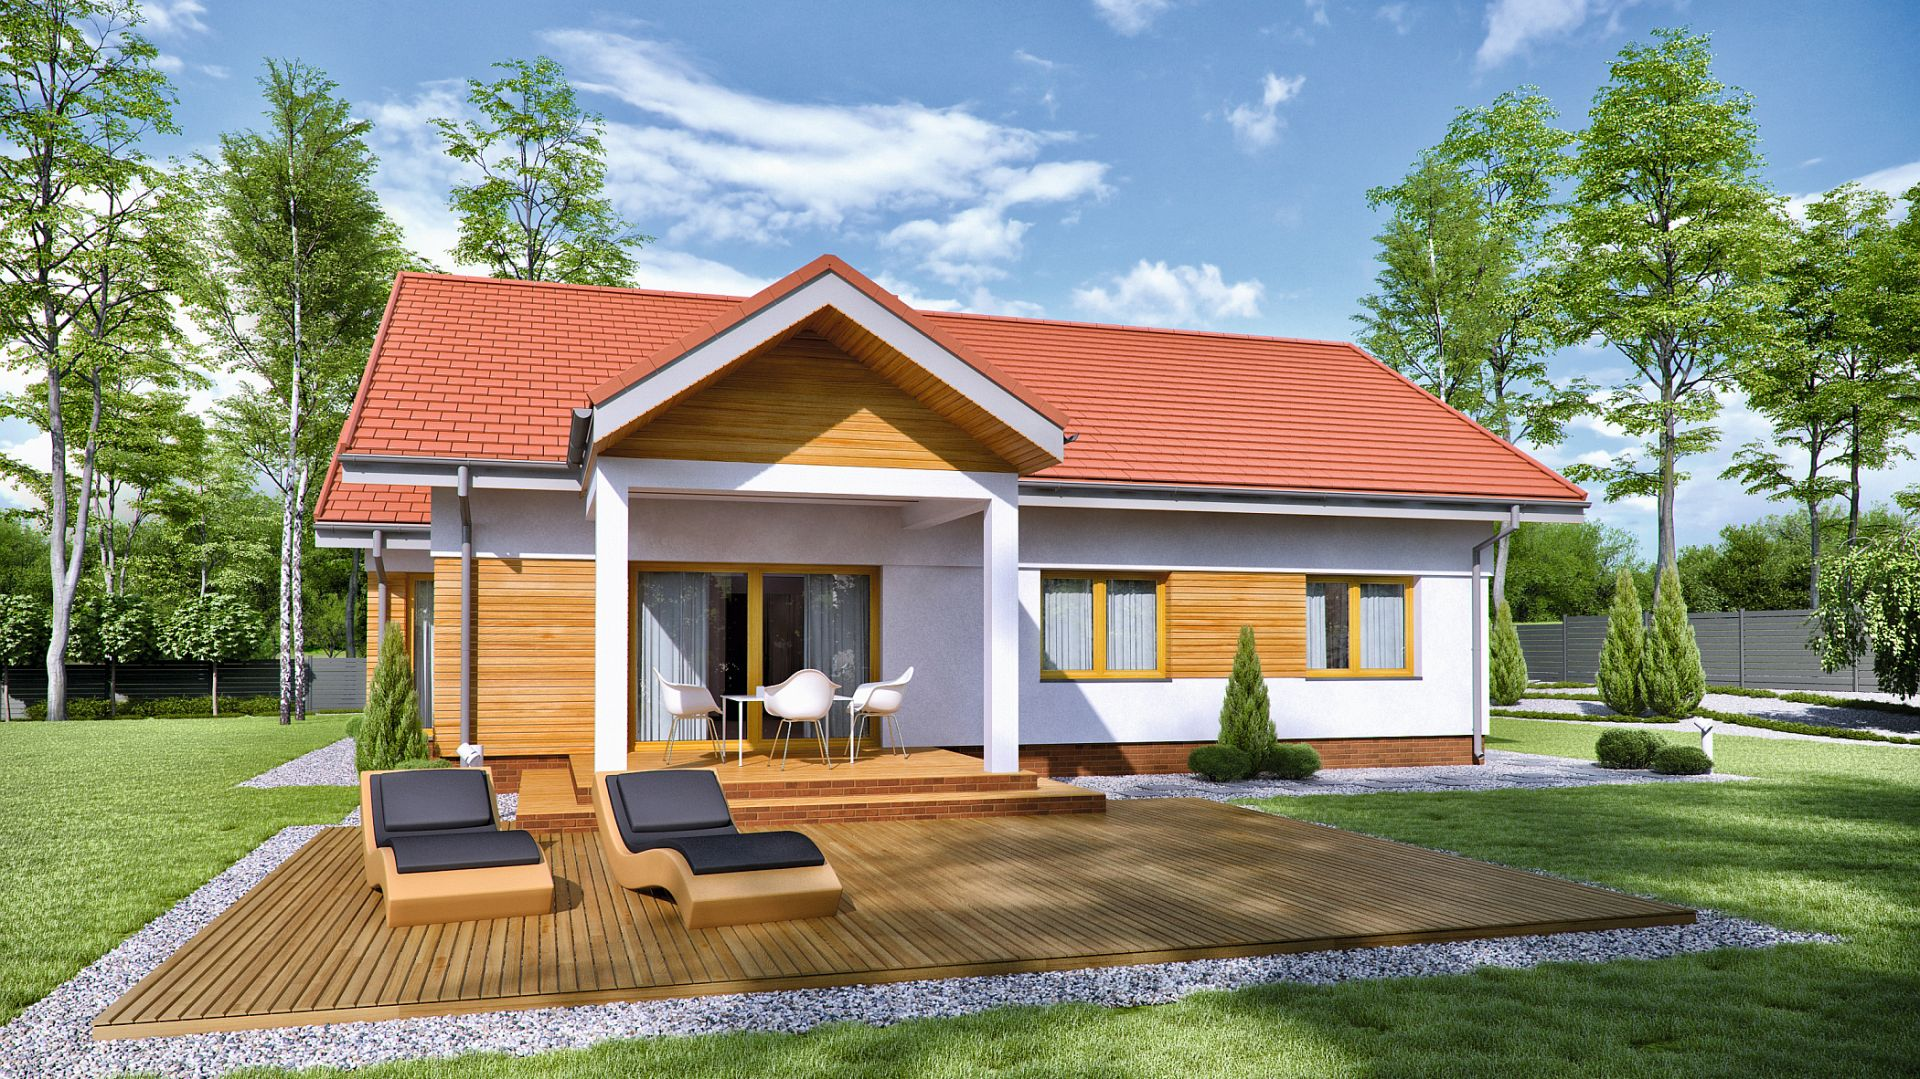 TK201G to dom parterowy dla 4-osobowej rodziny. Na 103 mkw powierzchni mieszczą się pokoje dla dzieci, wygodna sypialnia dla rodziców oraz ponad 20-metrowy wygodny salon z kominkiem. Projekt: arch. Tomasz Kałaska. Fot. Architeka Tomasz Kałaska